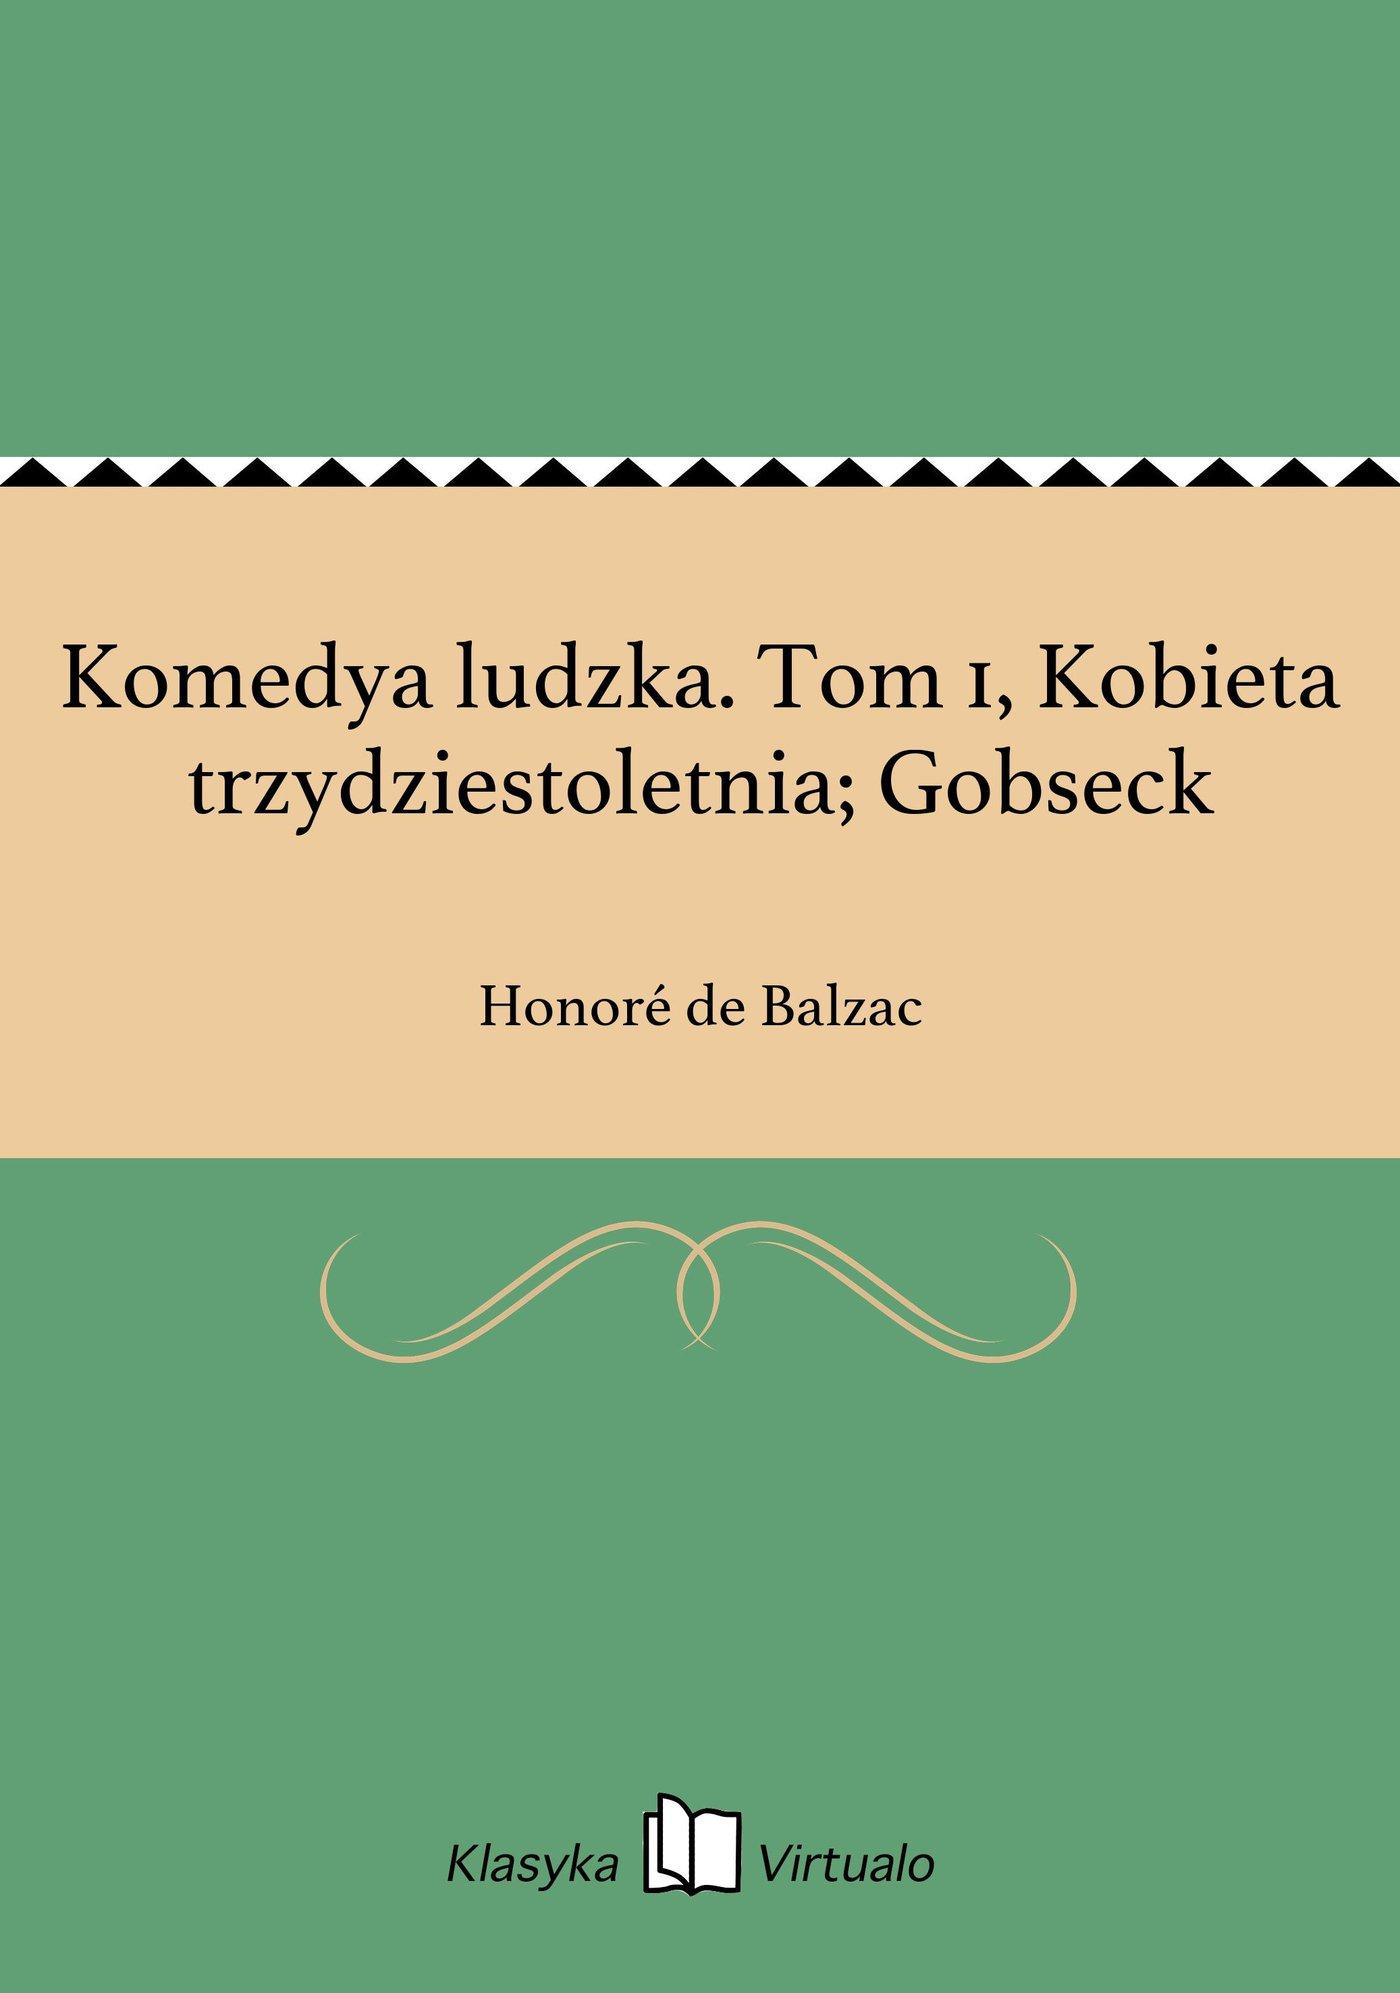 Komedya ludzka. Tom 1, Kobieta trzydziestoletnia; Gobseck - Ebook (Książka na Kindle) do pobrania w formacie MOBI